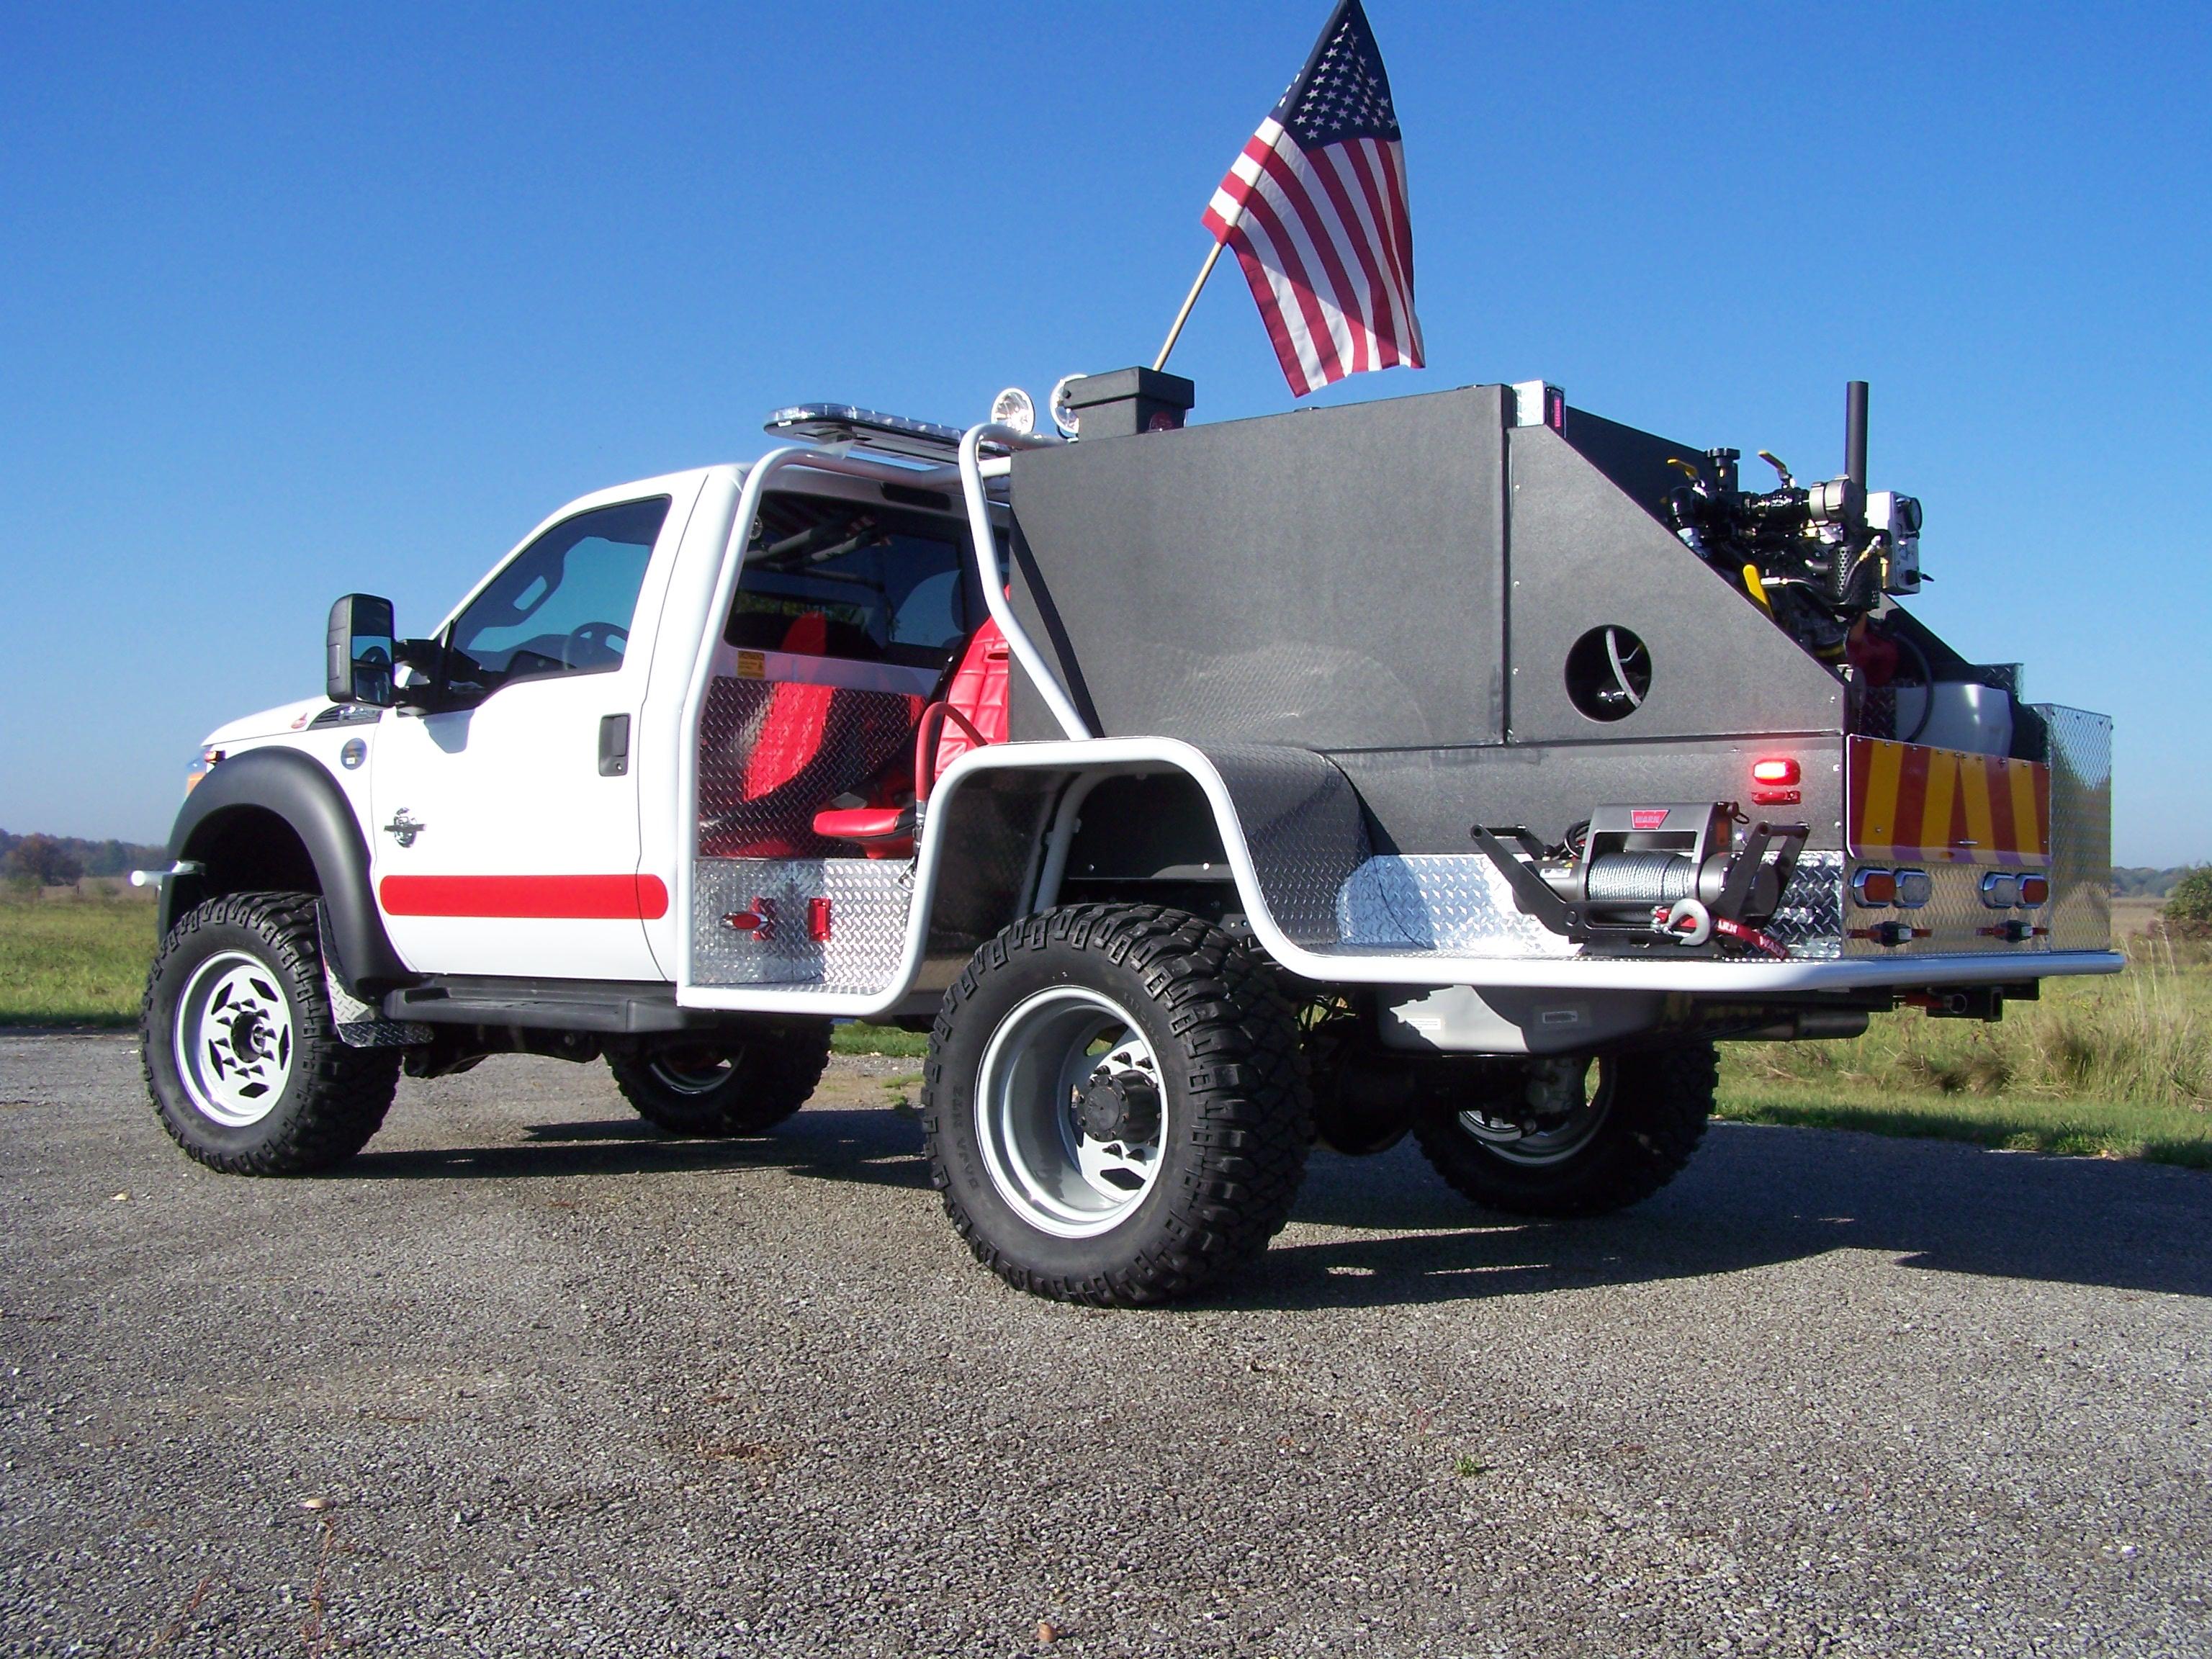 #99 Bendera Fire & Rescue